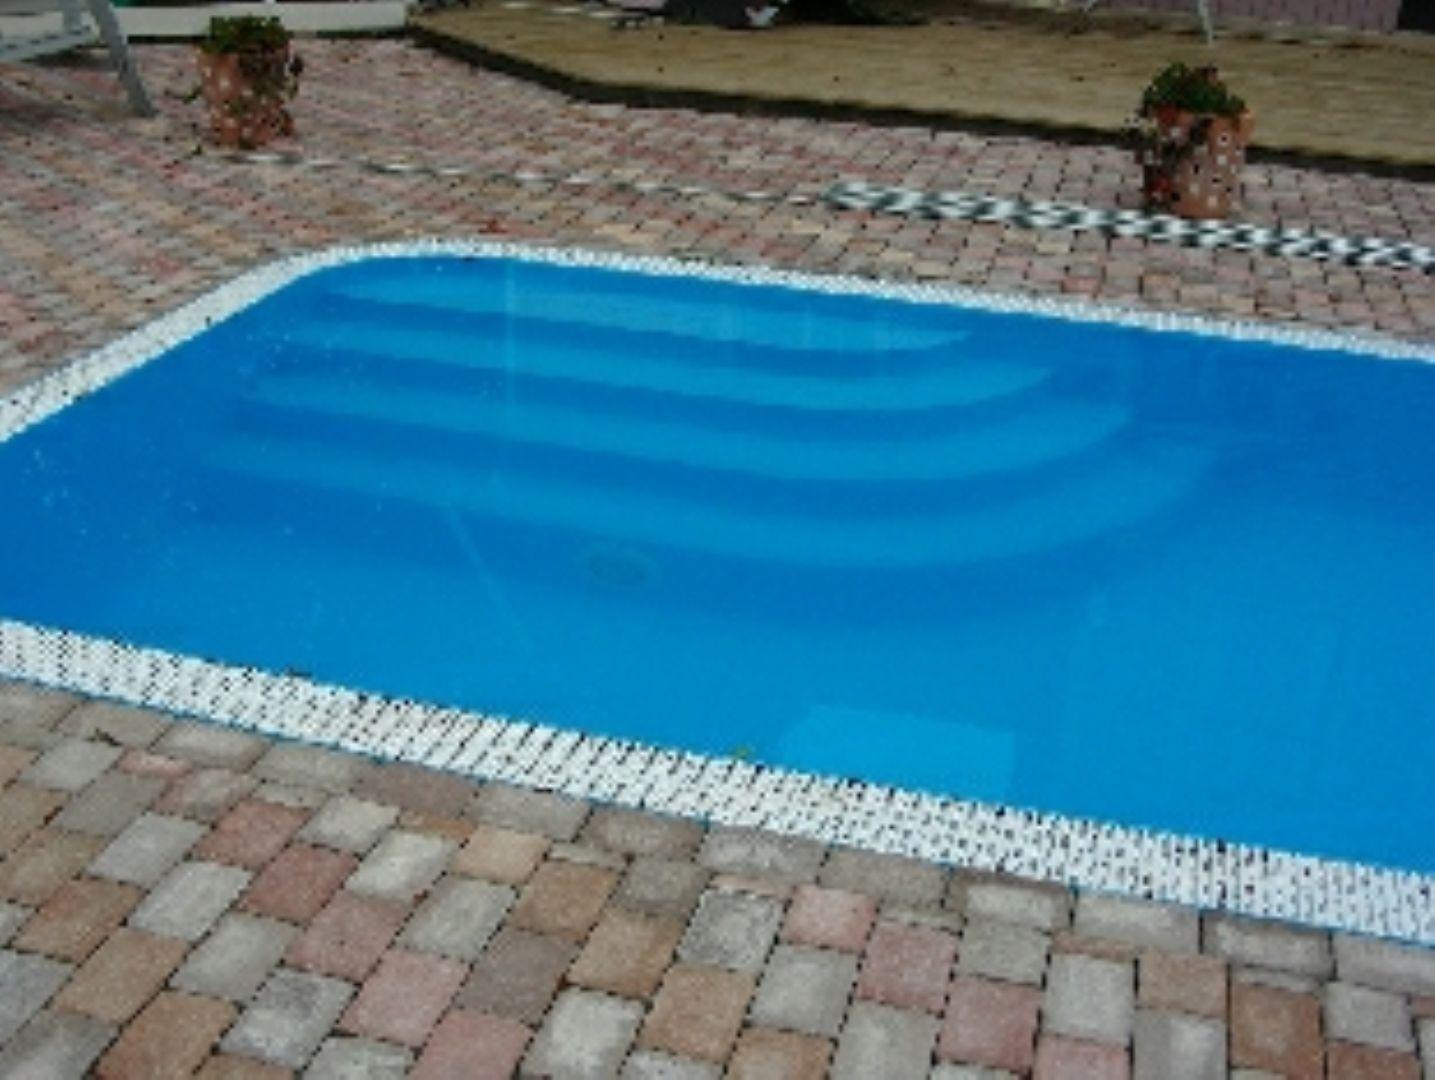 bildergalerie bilder schwimmbadbau und poolbau projekte von schwimmbadbau24. Black Bedroom Furniture Sets. Home Design Ideas